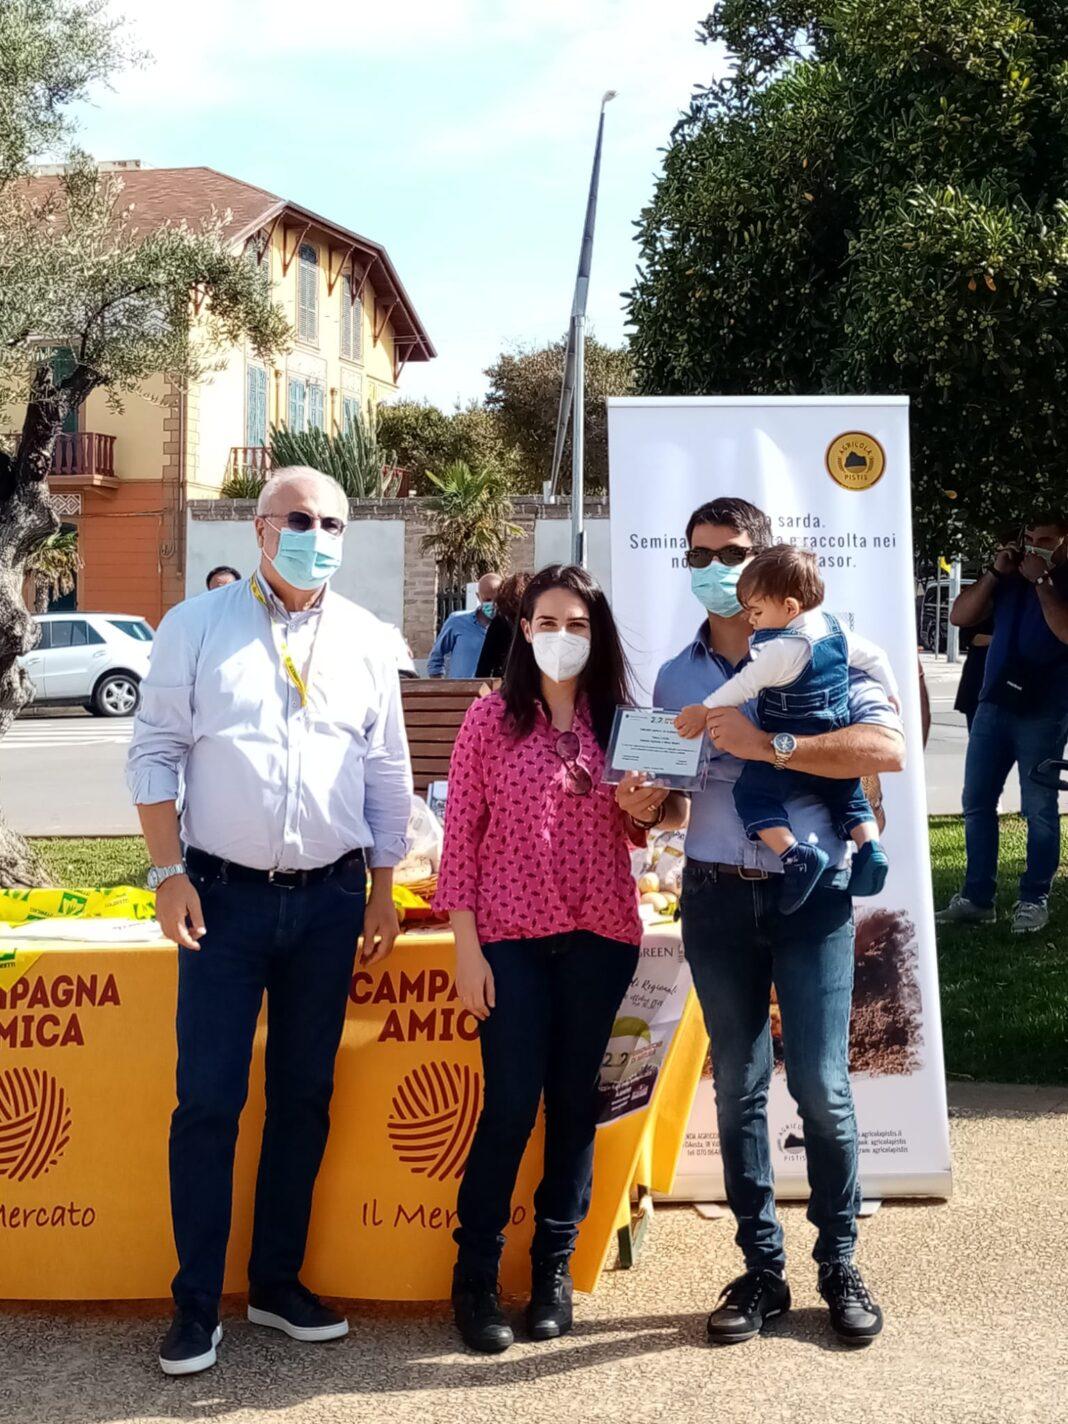 Nella foto il direttore generale del Banco di Sardegna Giuseppe Cuccurese premia i giovani Marco Ghiani e Carla Mura.